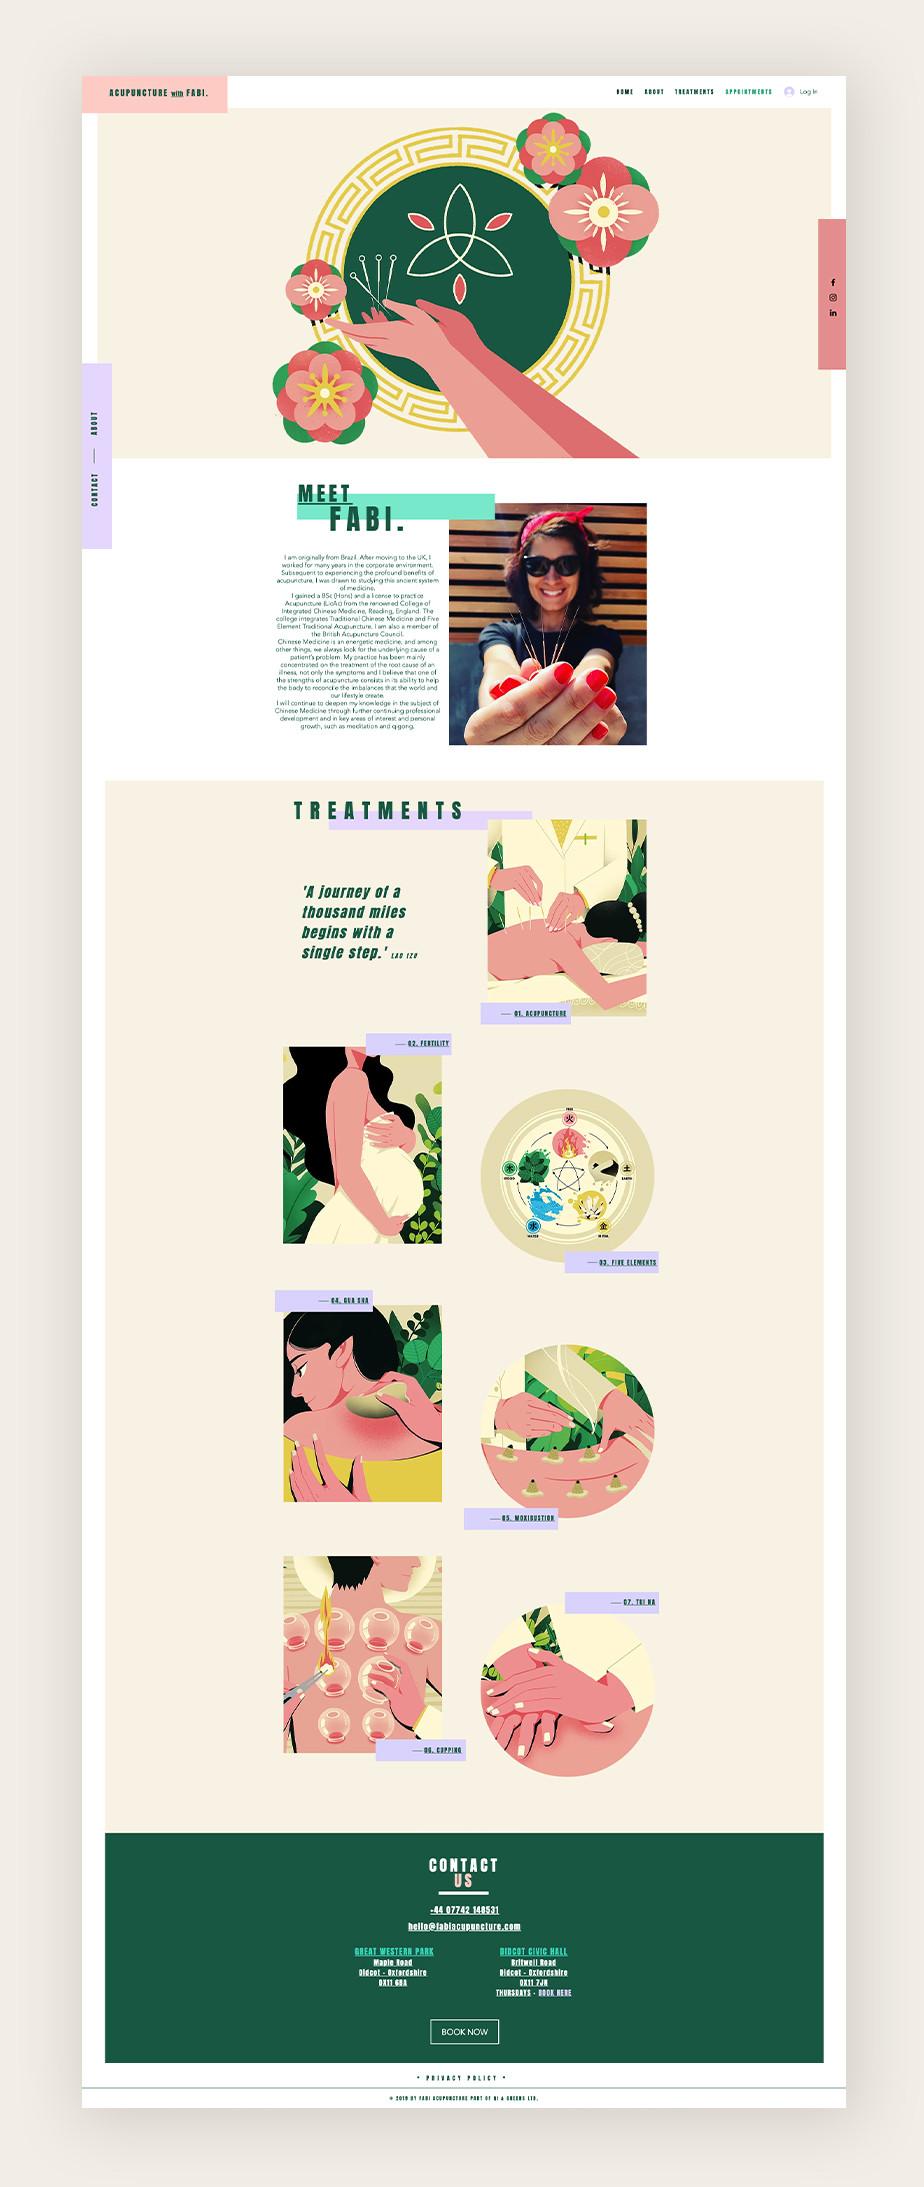 Acupuncture with Fabi als Beispiel für eine Website mit Terminbuchung